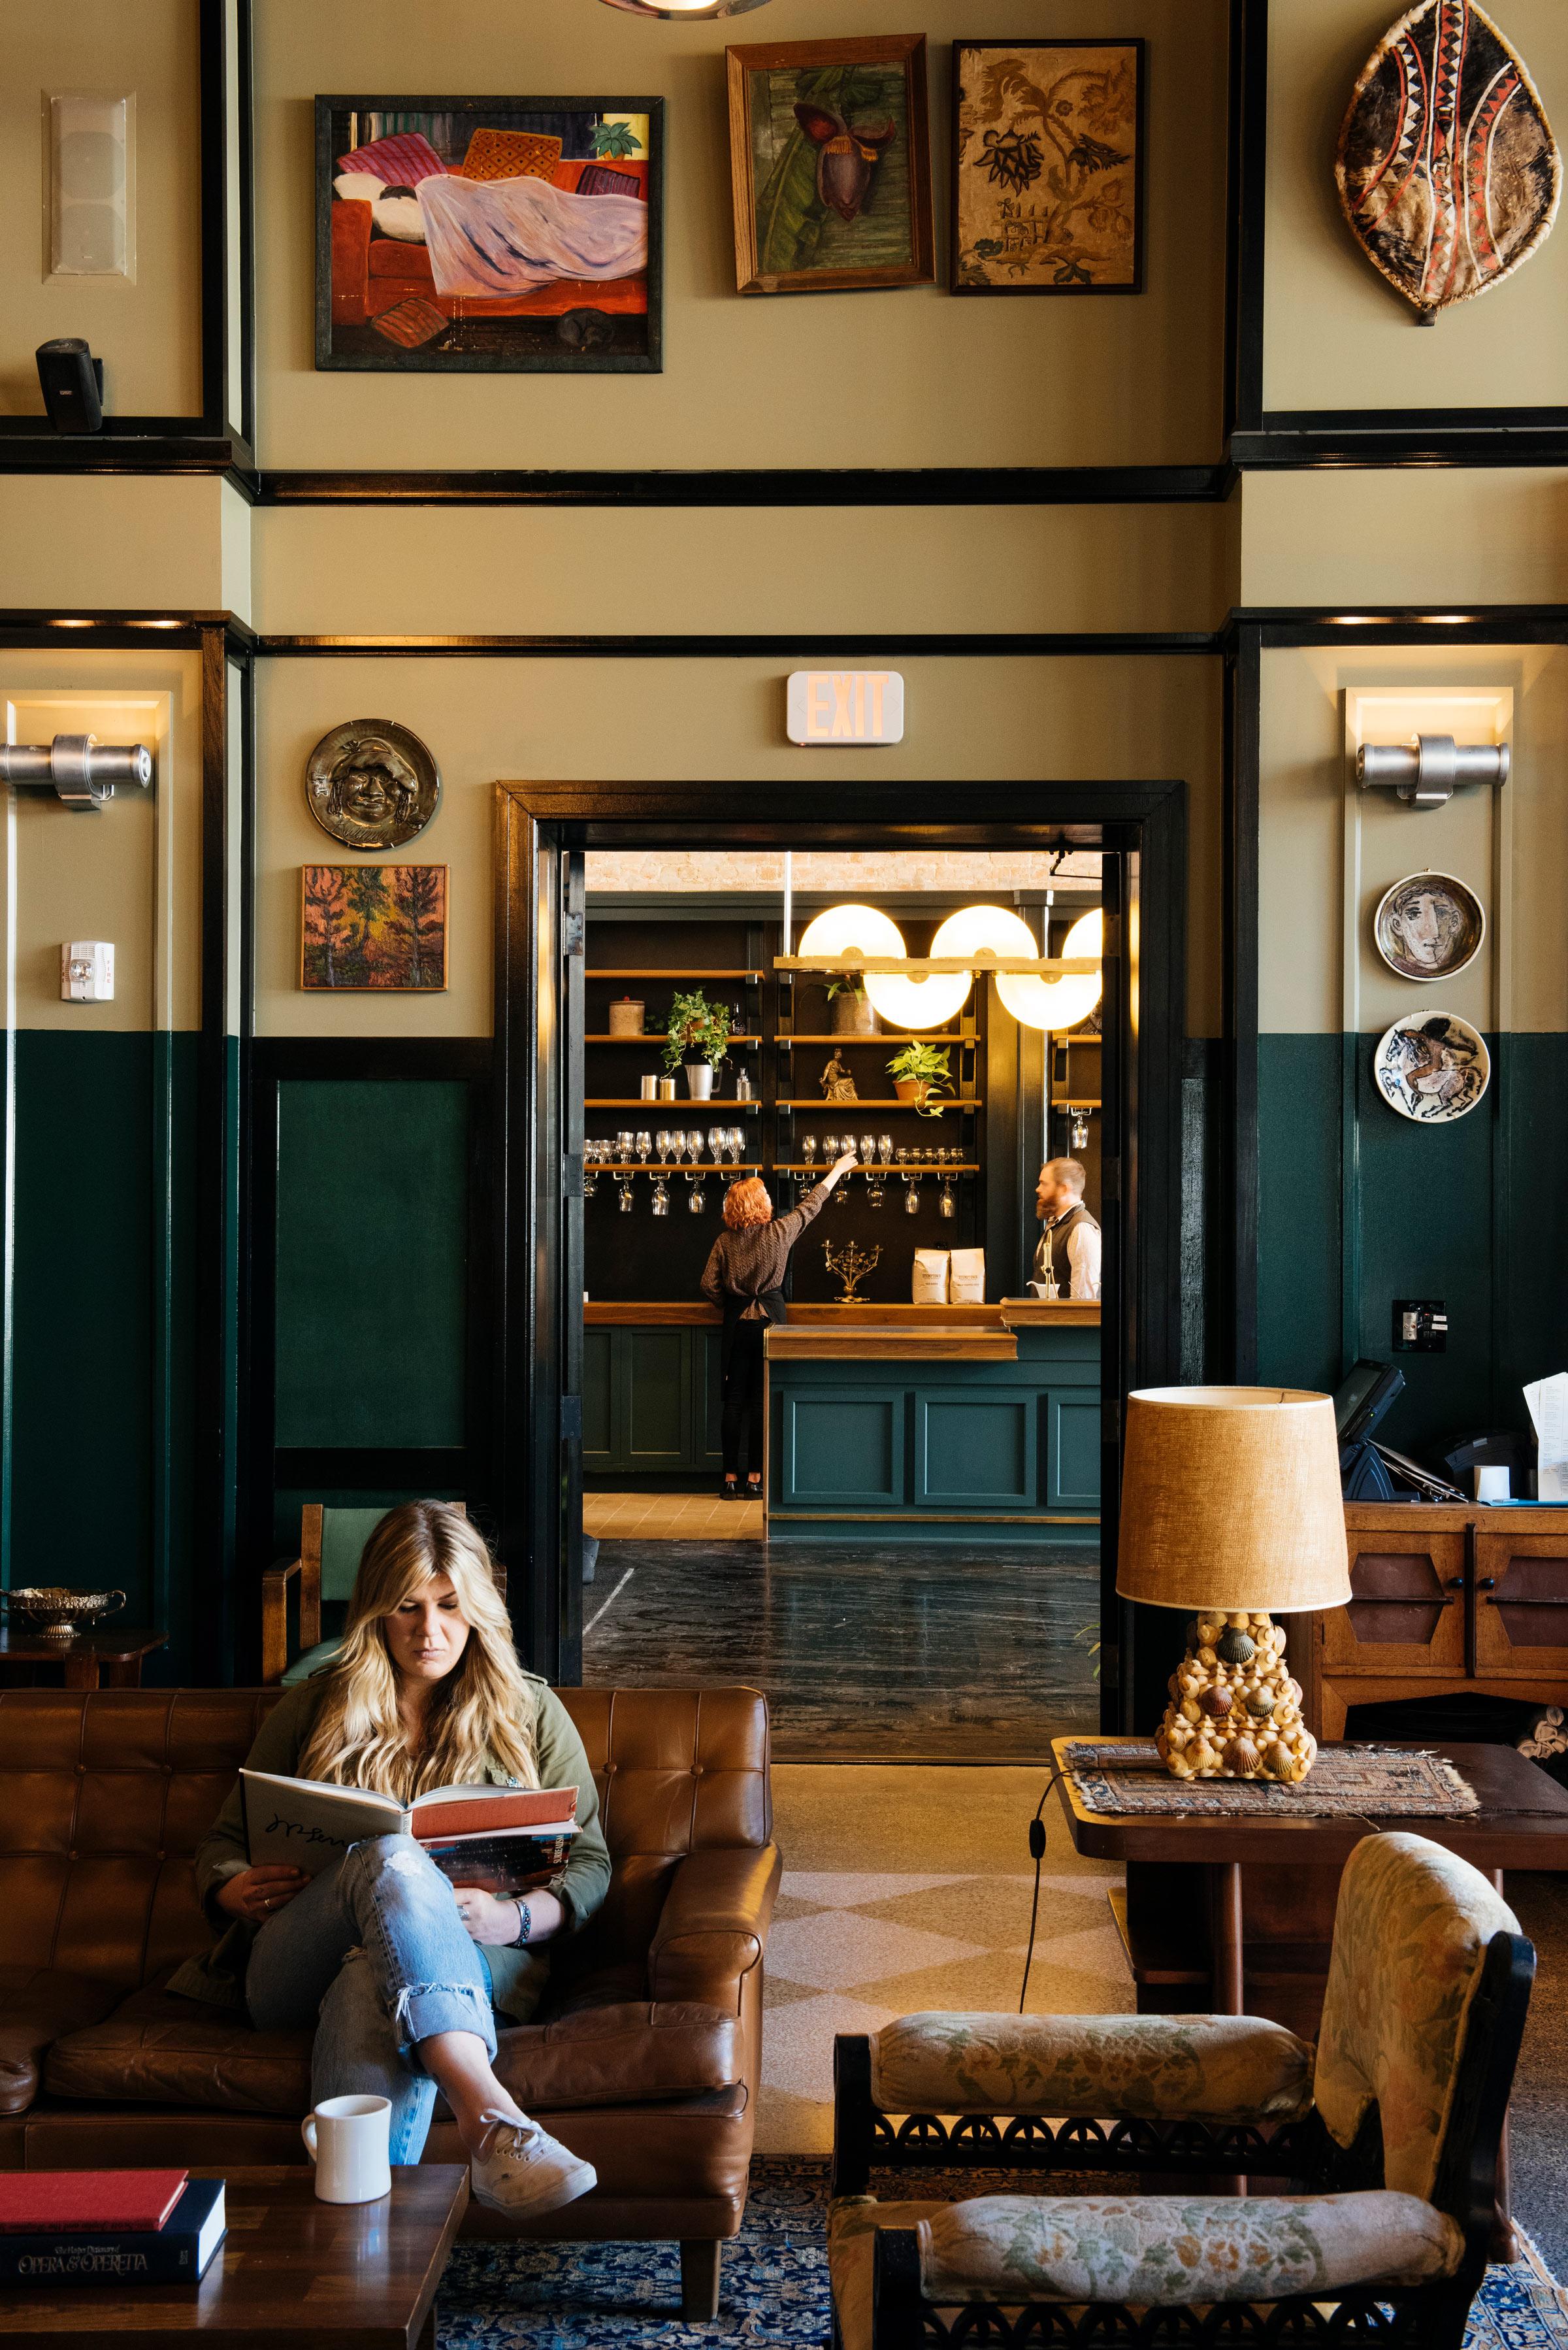 Ace-Hotel-New-Orleans_Stumptown-Coffee-Roasters_DSC_1084_Rush-Jagoe.jpg